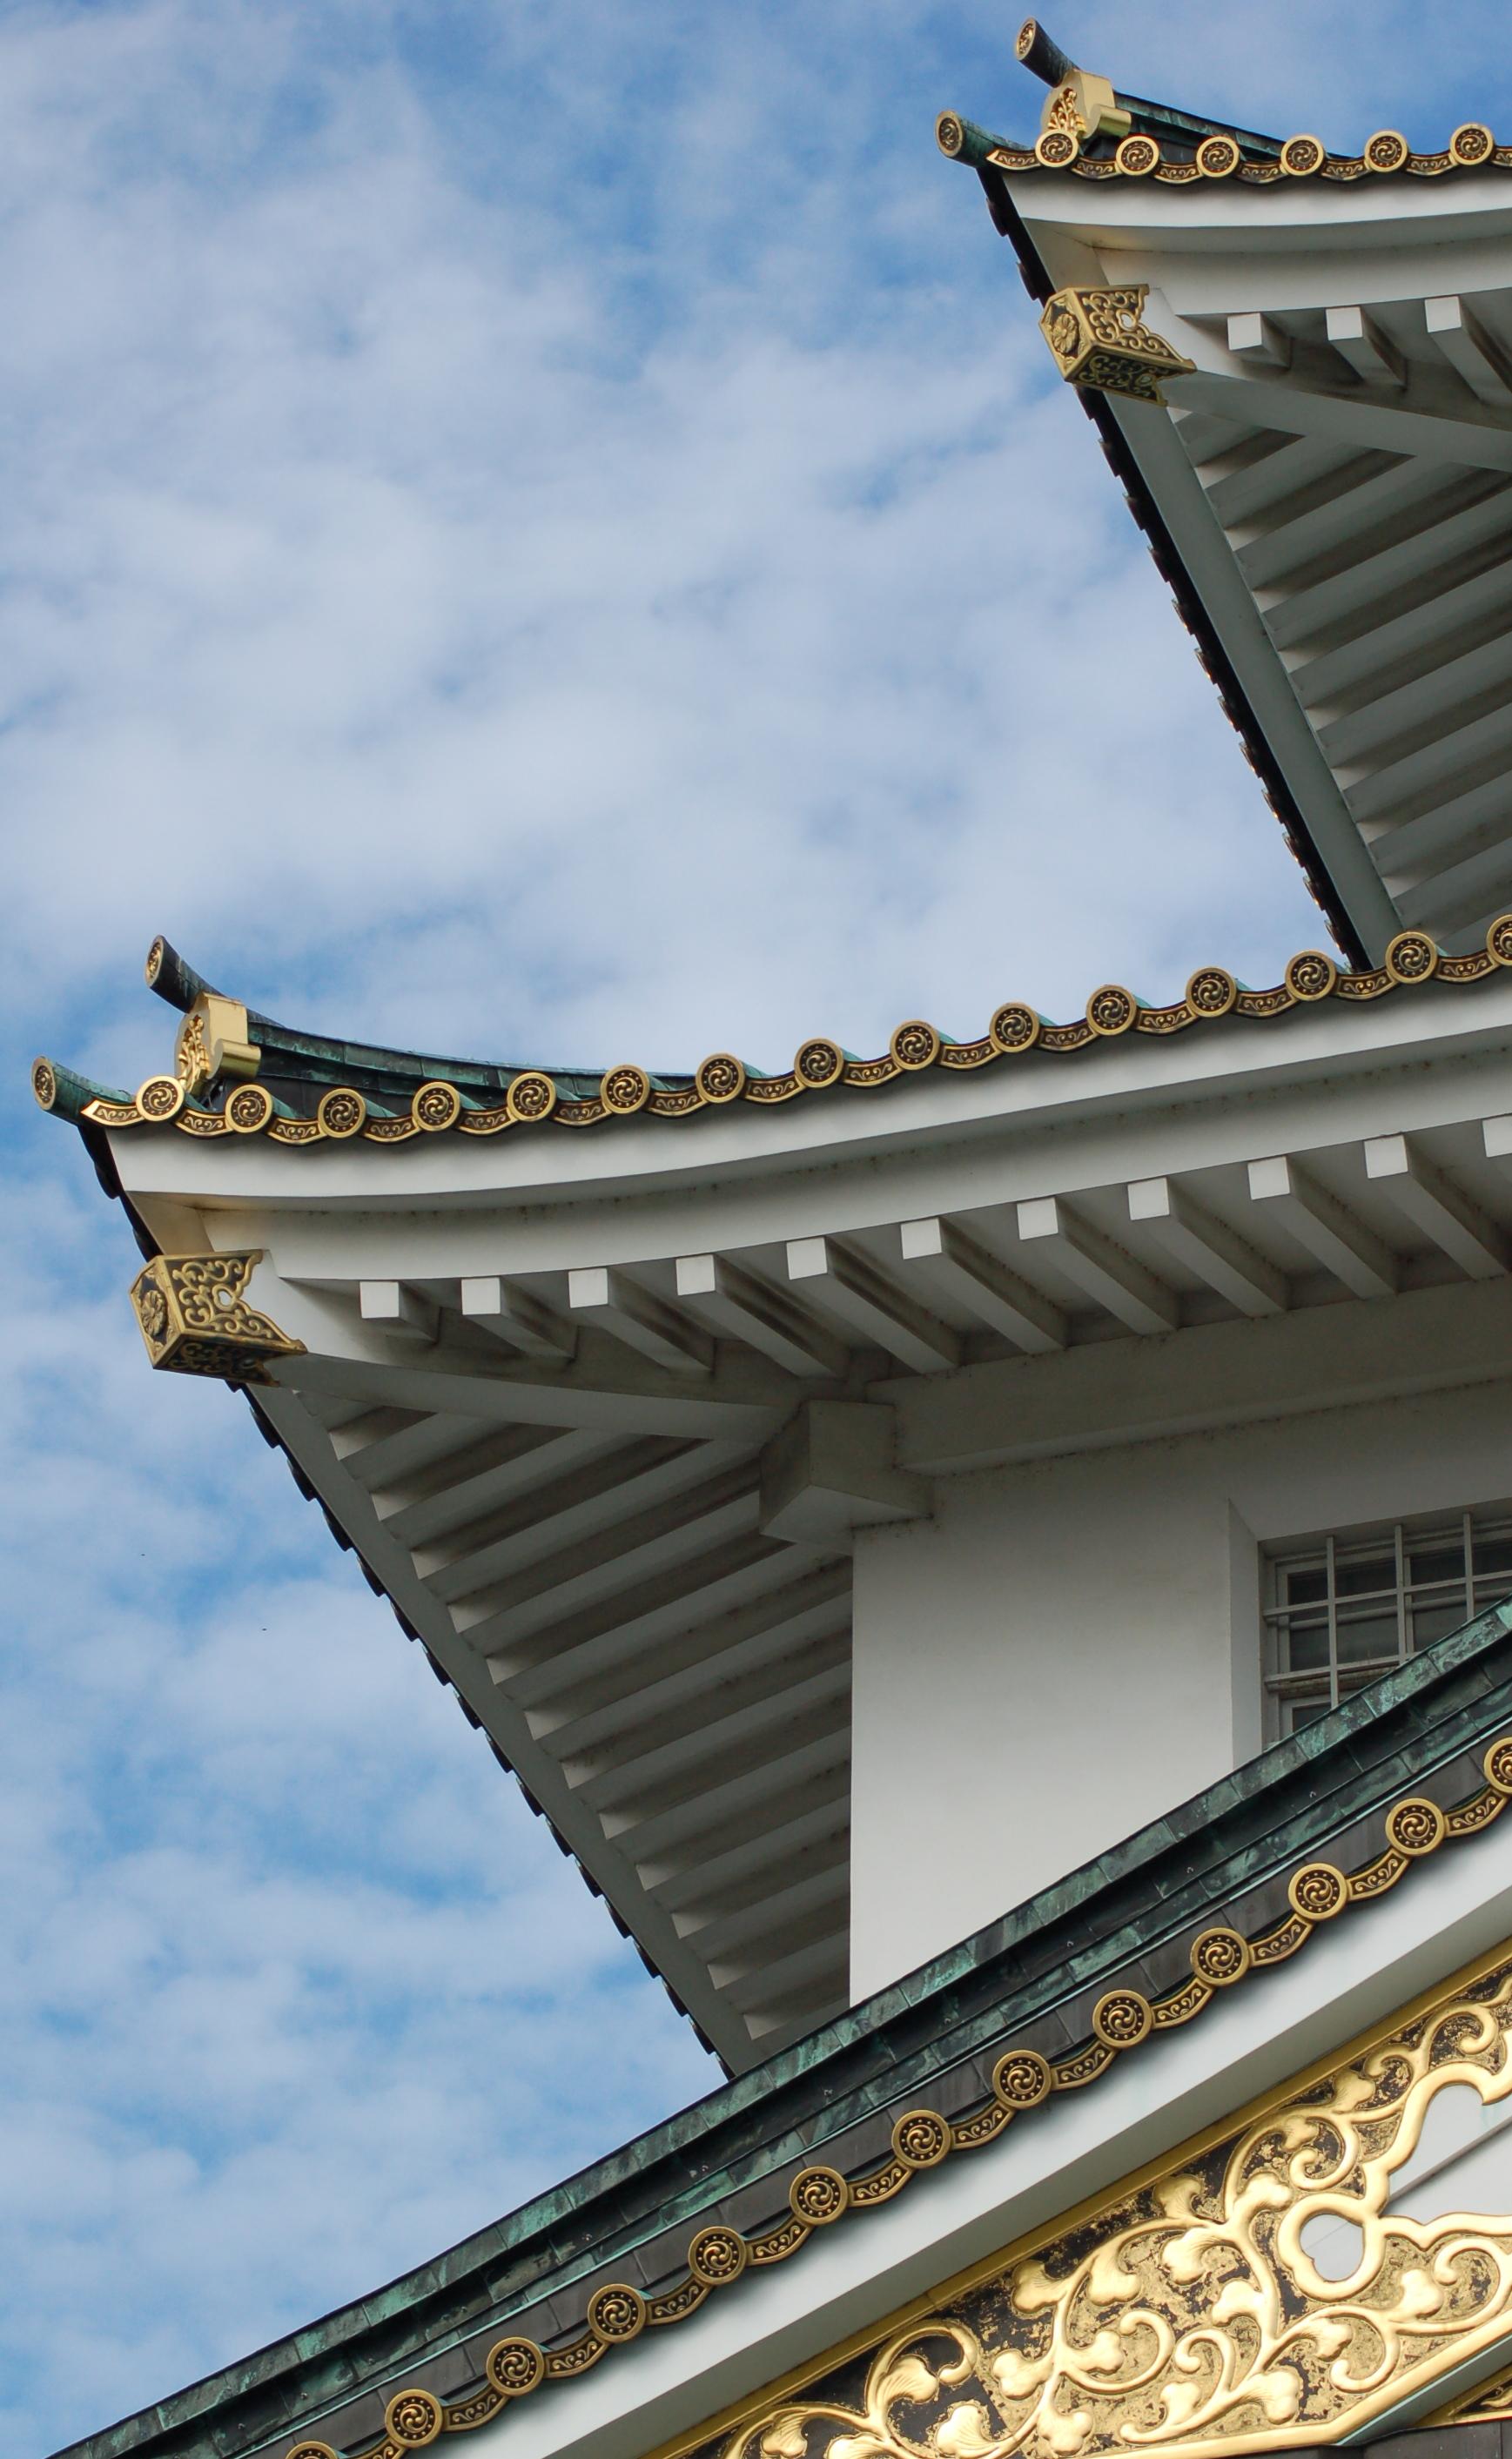 Osaka Castle - Architecture